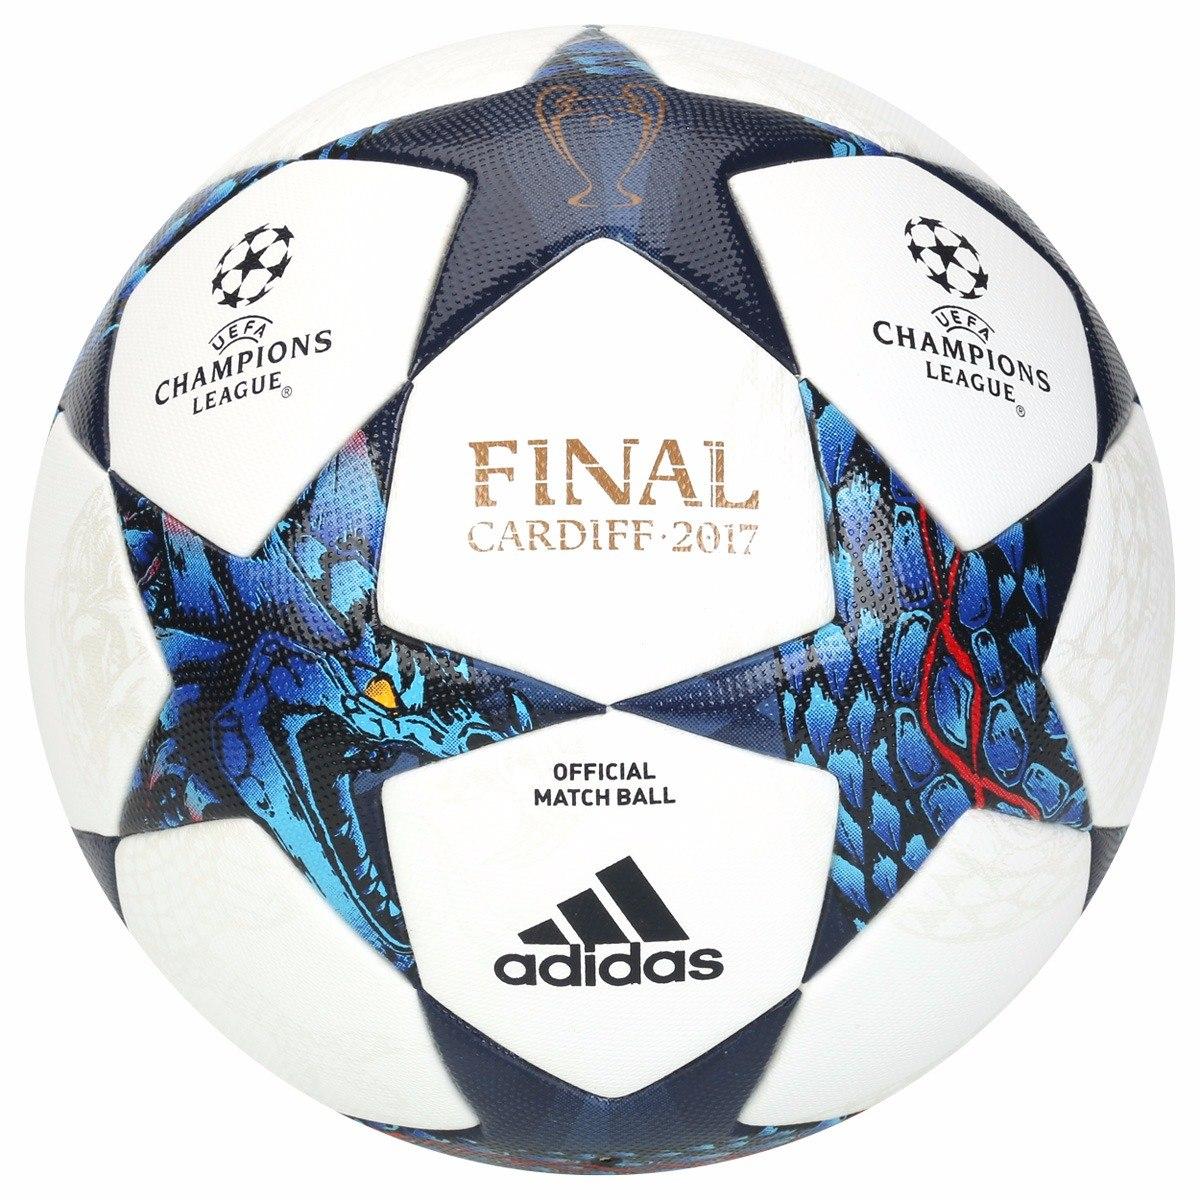 bola campo uefa finale oficial jogo cardiff 17 adidas-netfut. Carregando  zoom. e9fa28fbfdc13